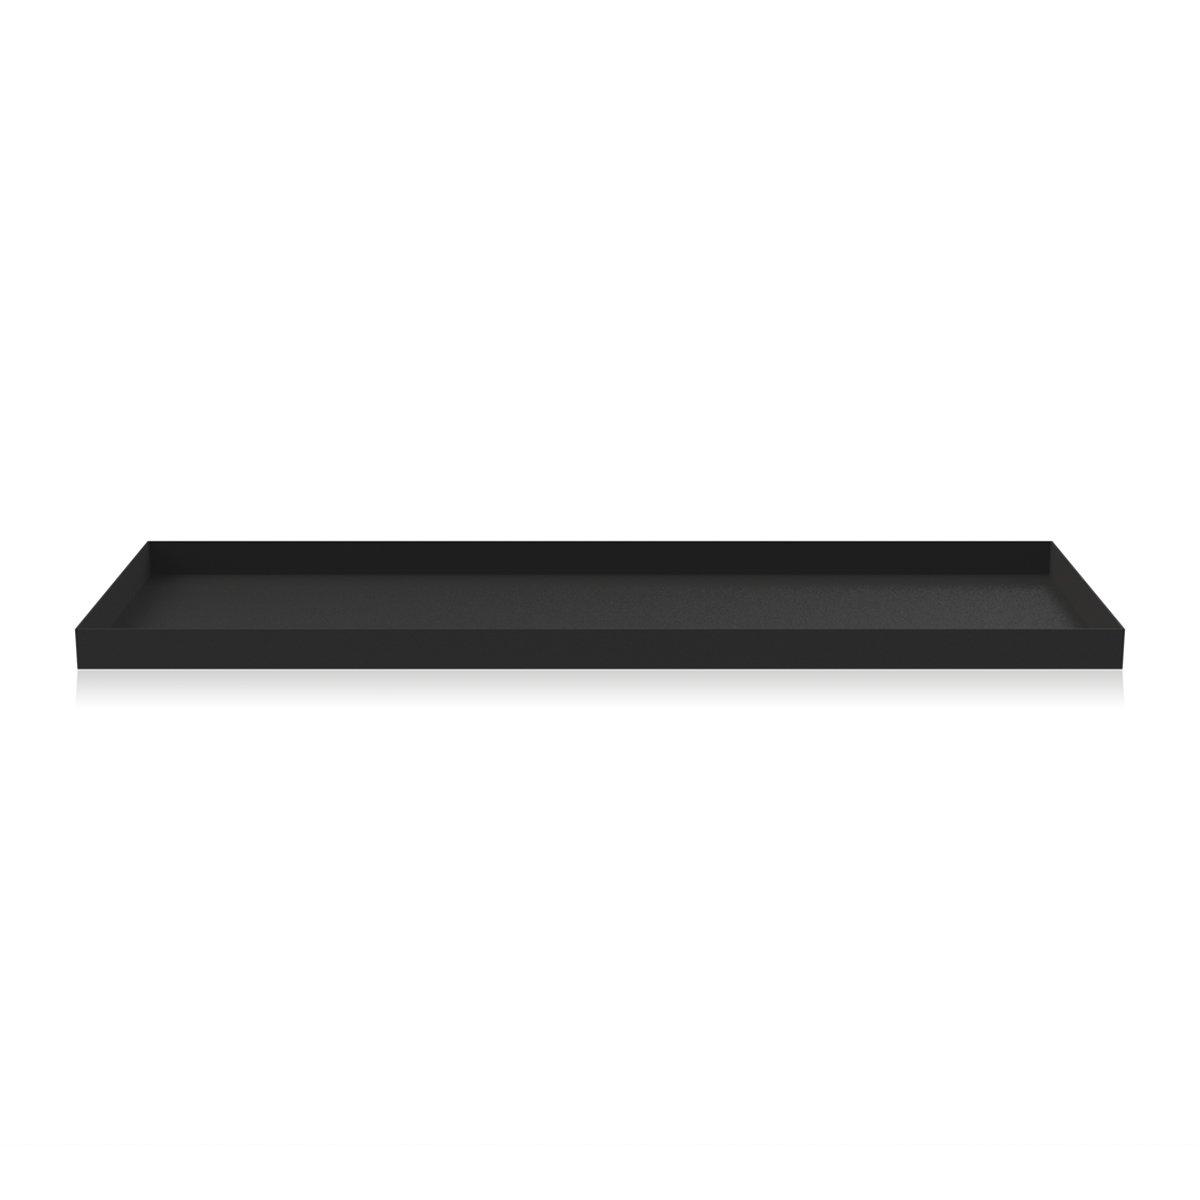 Cooee Design Tray 50x18x2cm schwarz